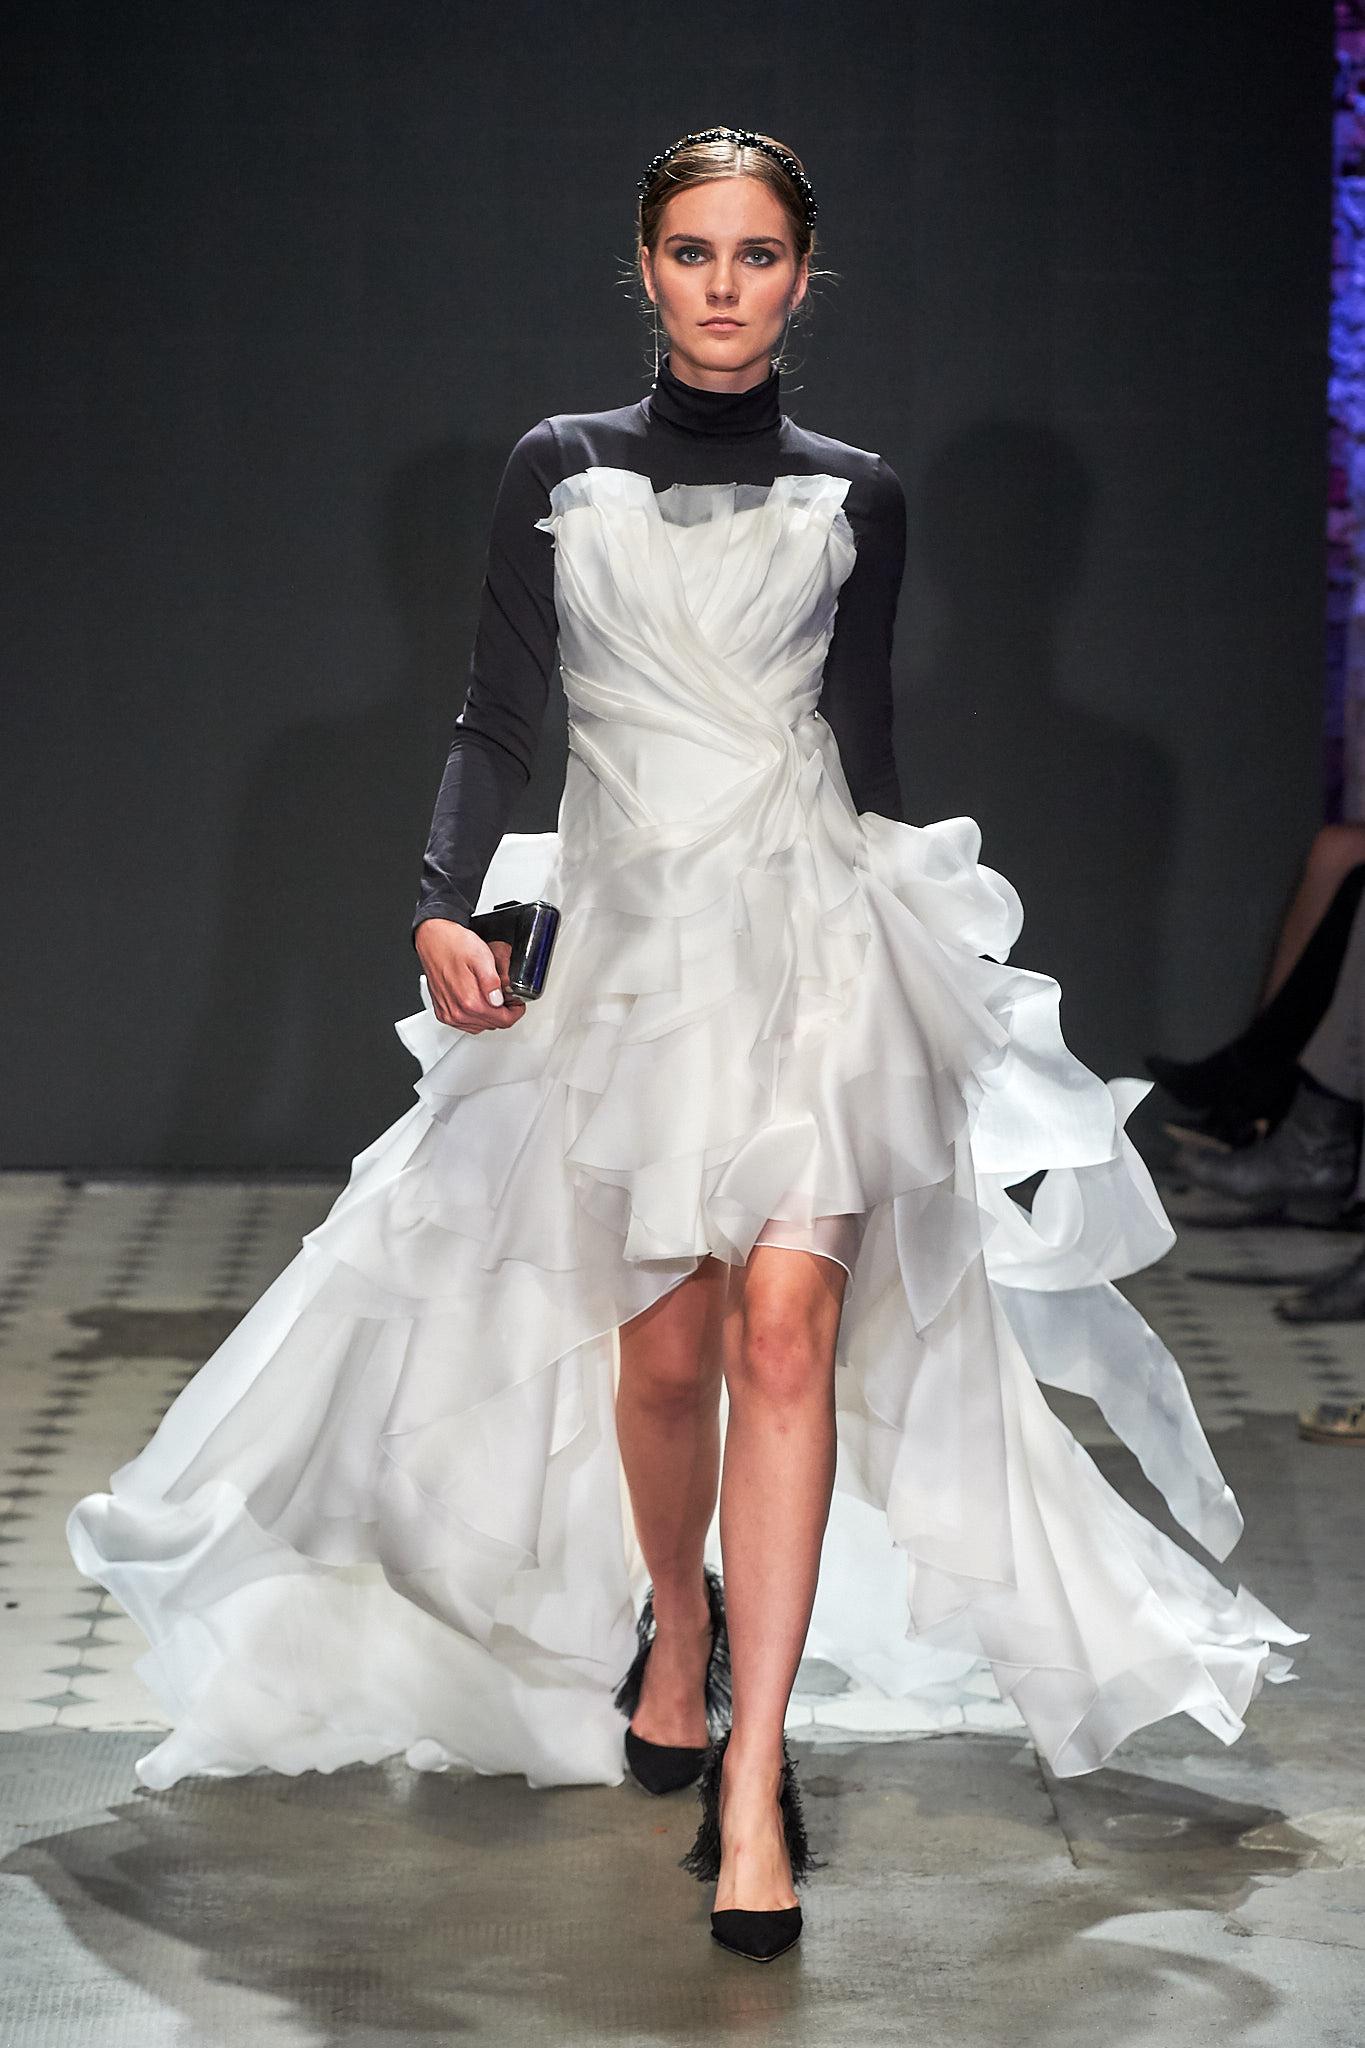 12_KTW_DAY1_111019_ZIEN_lowres-fotFilipOkopny-FashionImages